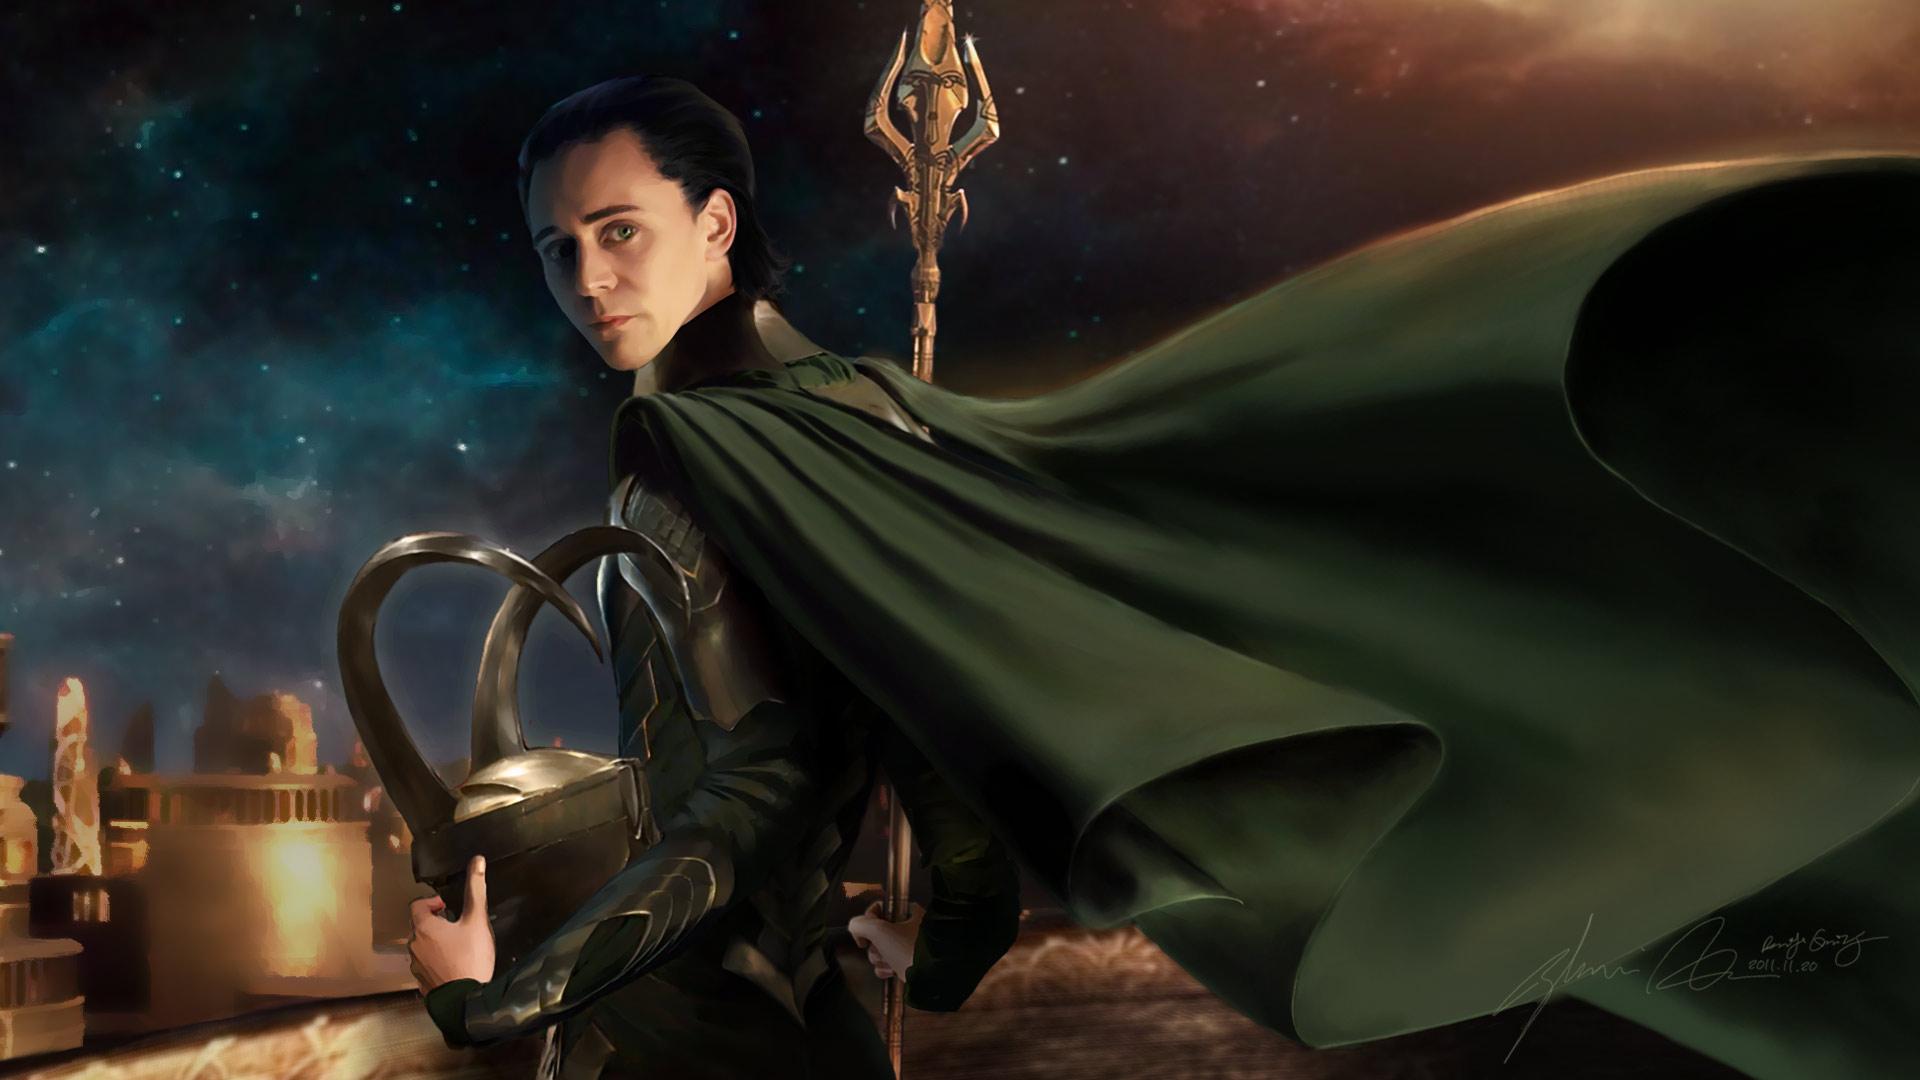 pantalla de Loki Wallpapers de Loki Fondos de escritorio de Loki 1920x1080